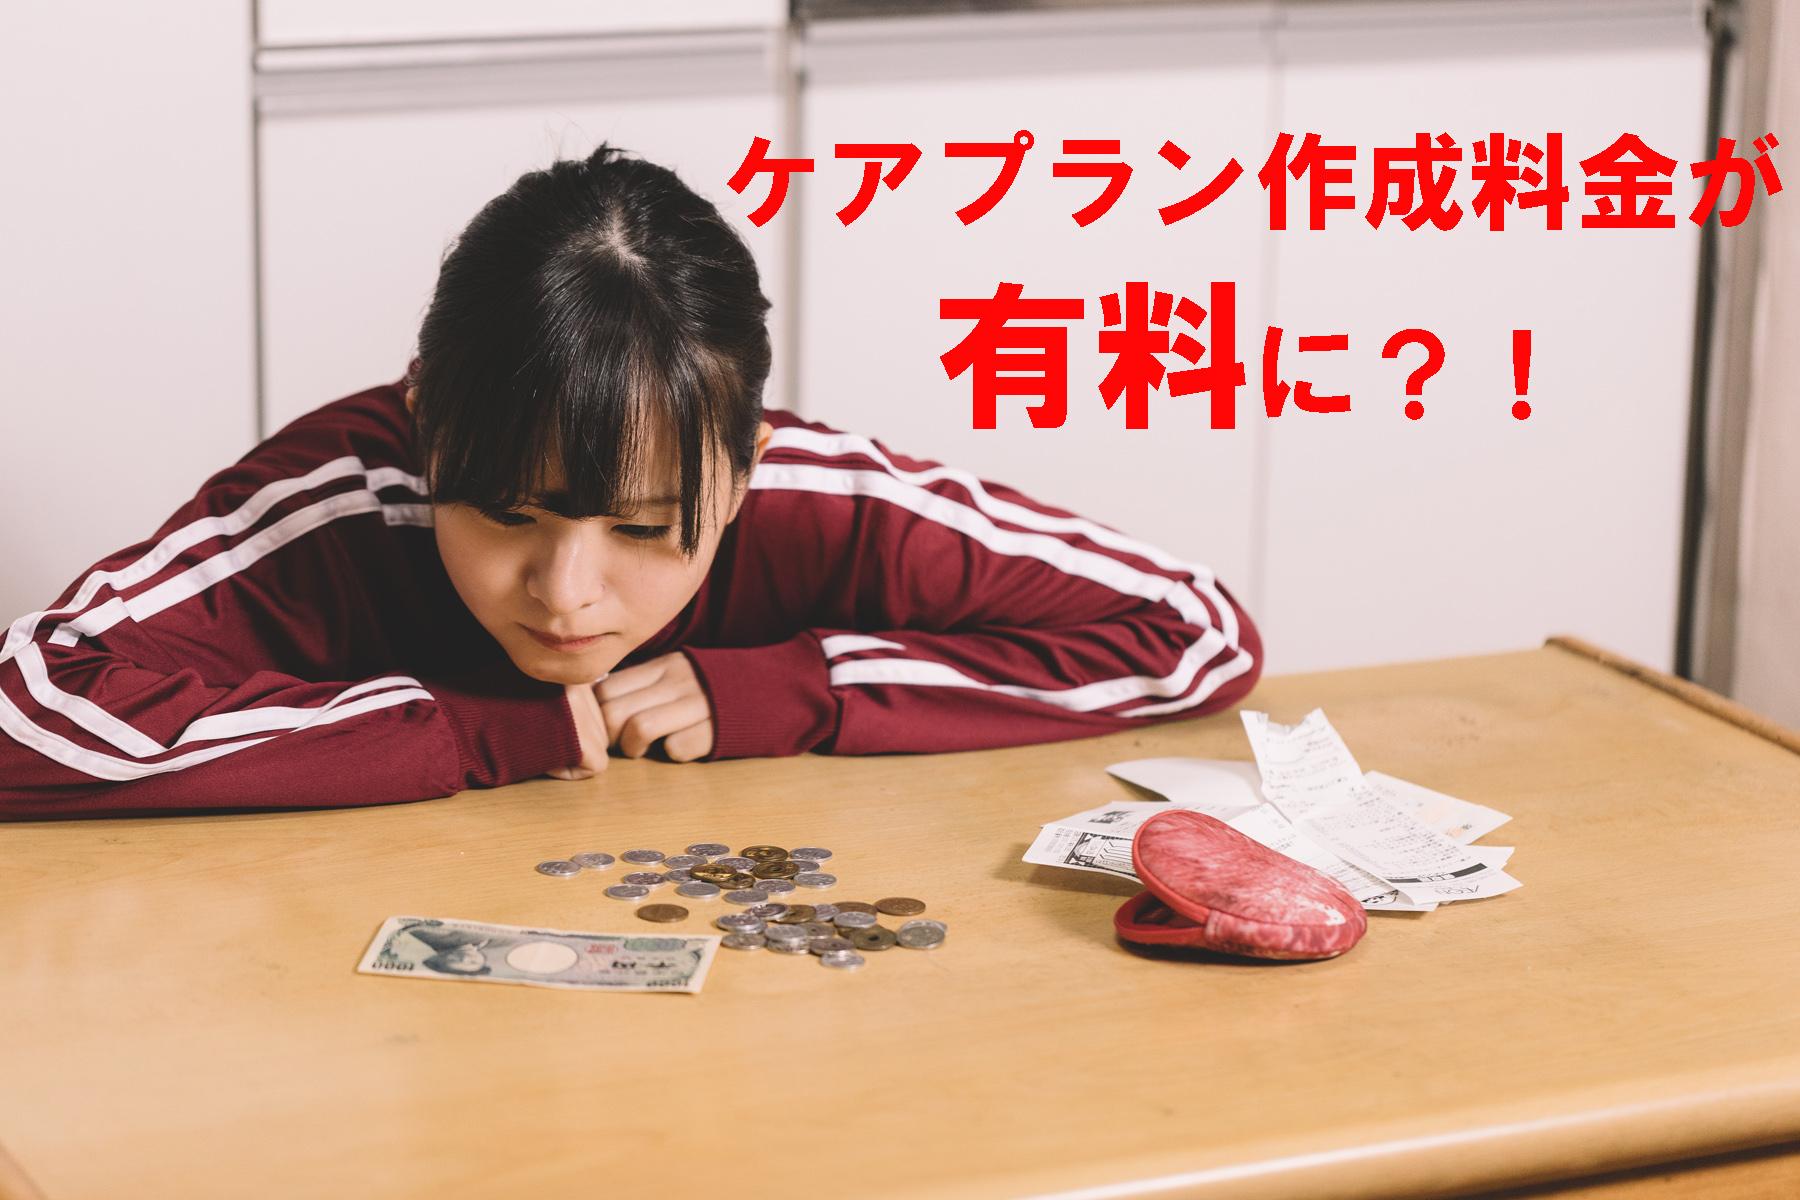 ケアプラン作成料金が有料に?!